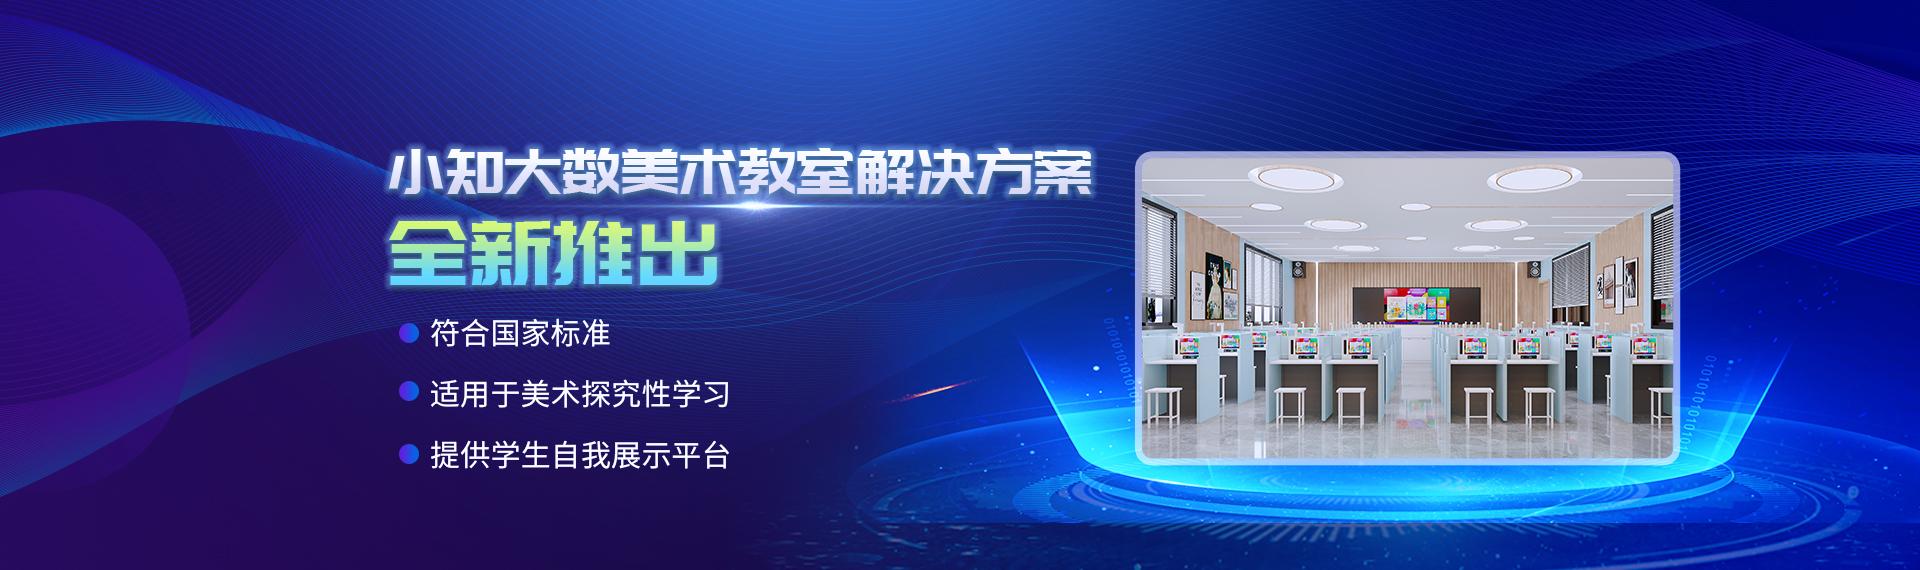 美术教室官网banner